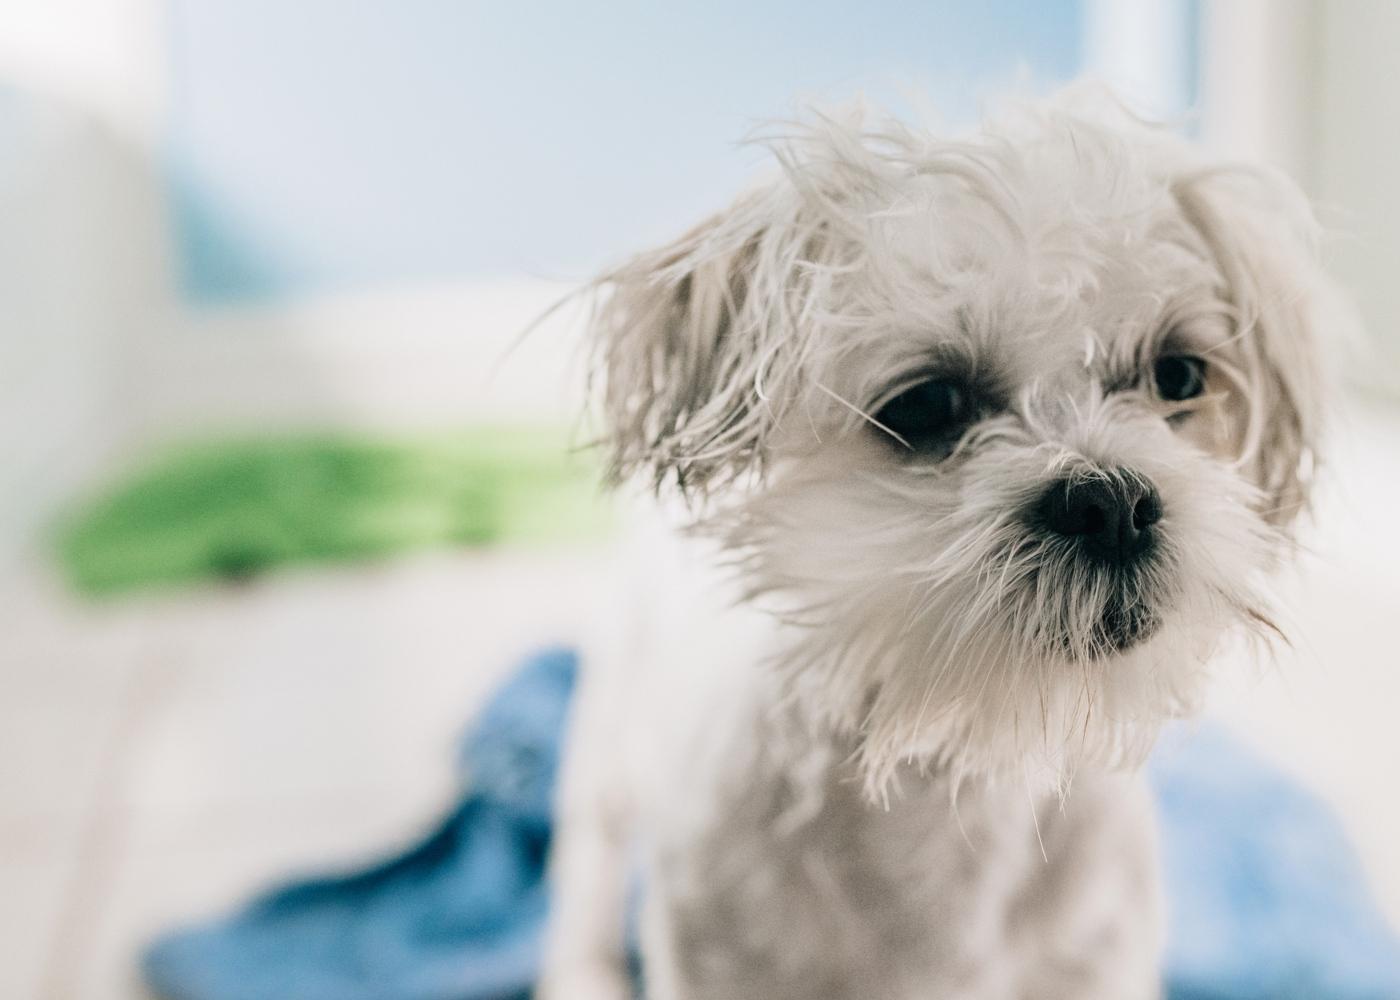 Cheiro a cão: cachorro após tomar banho com champô seco